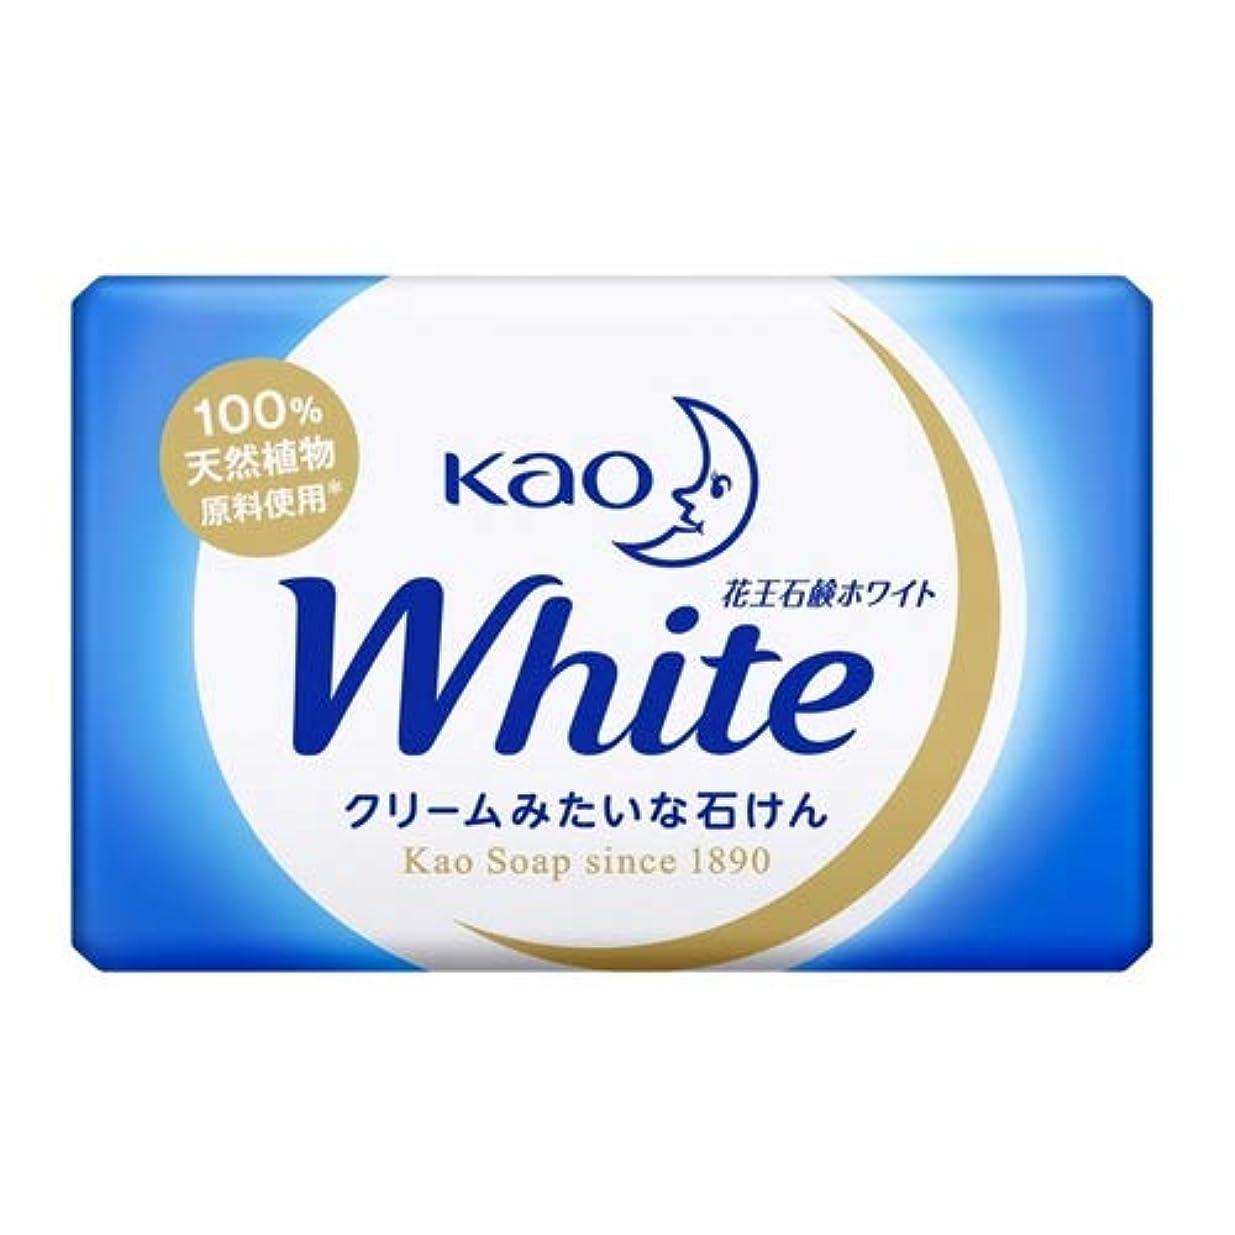 ウサギロープレーダー花王石鹸ホワイト 業務用ミニサイズ 15g × 5個セット